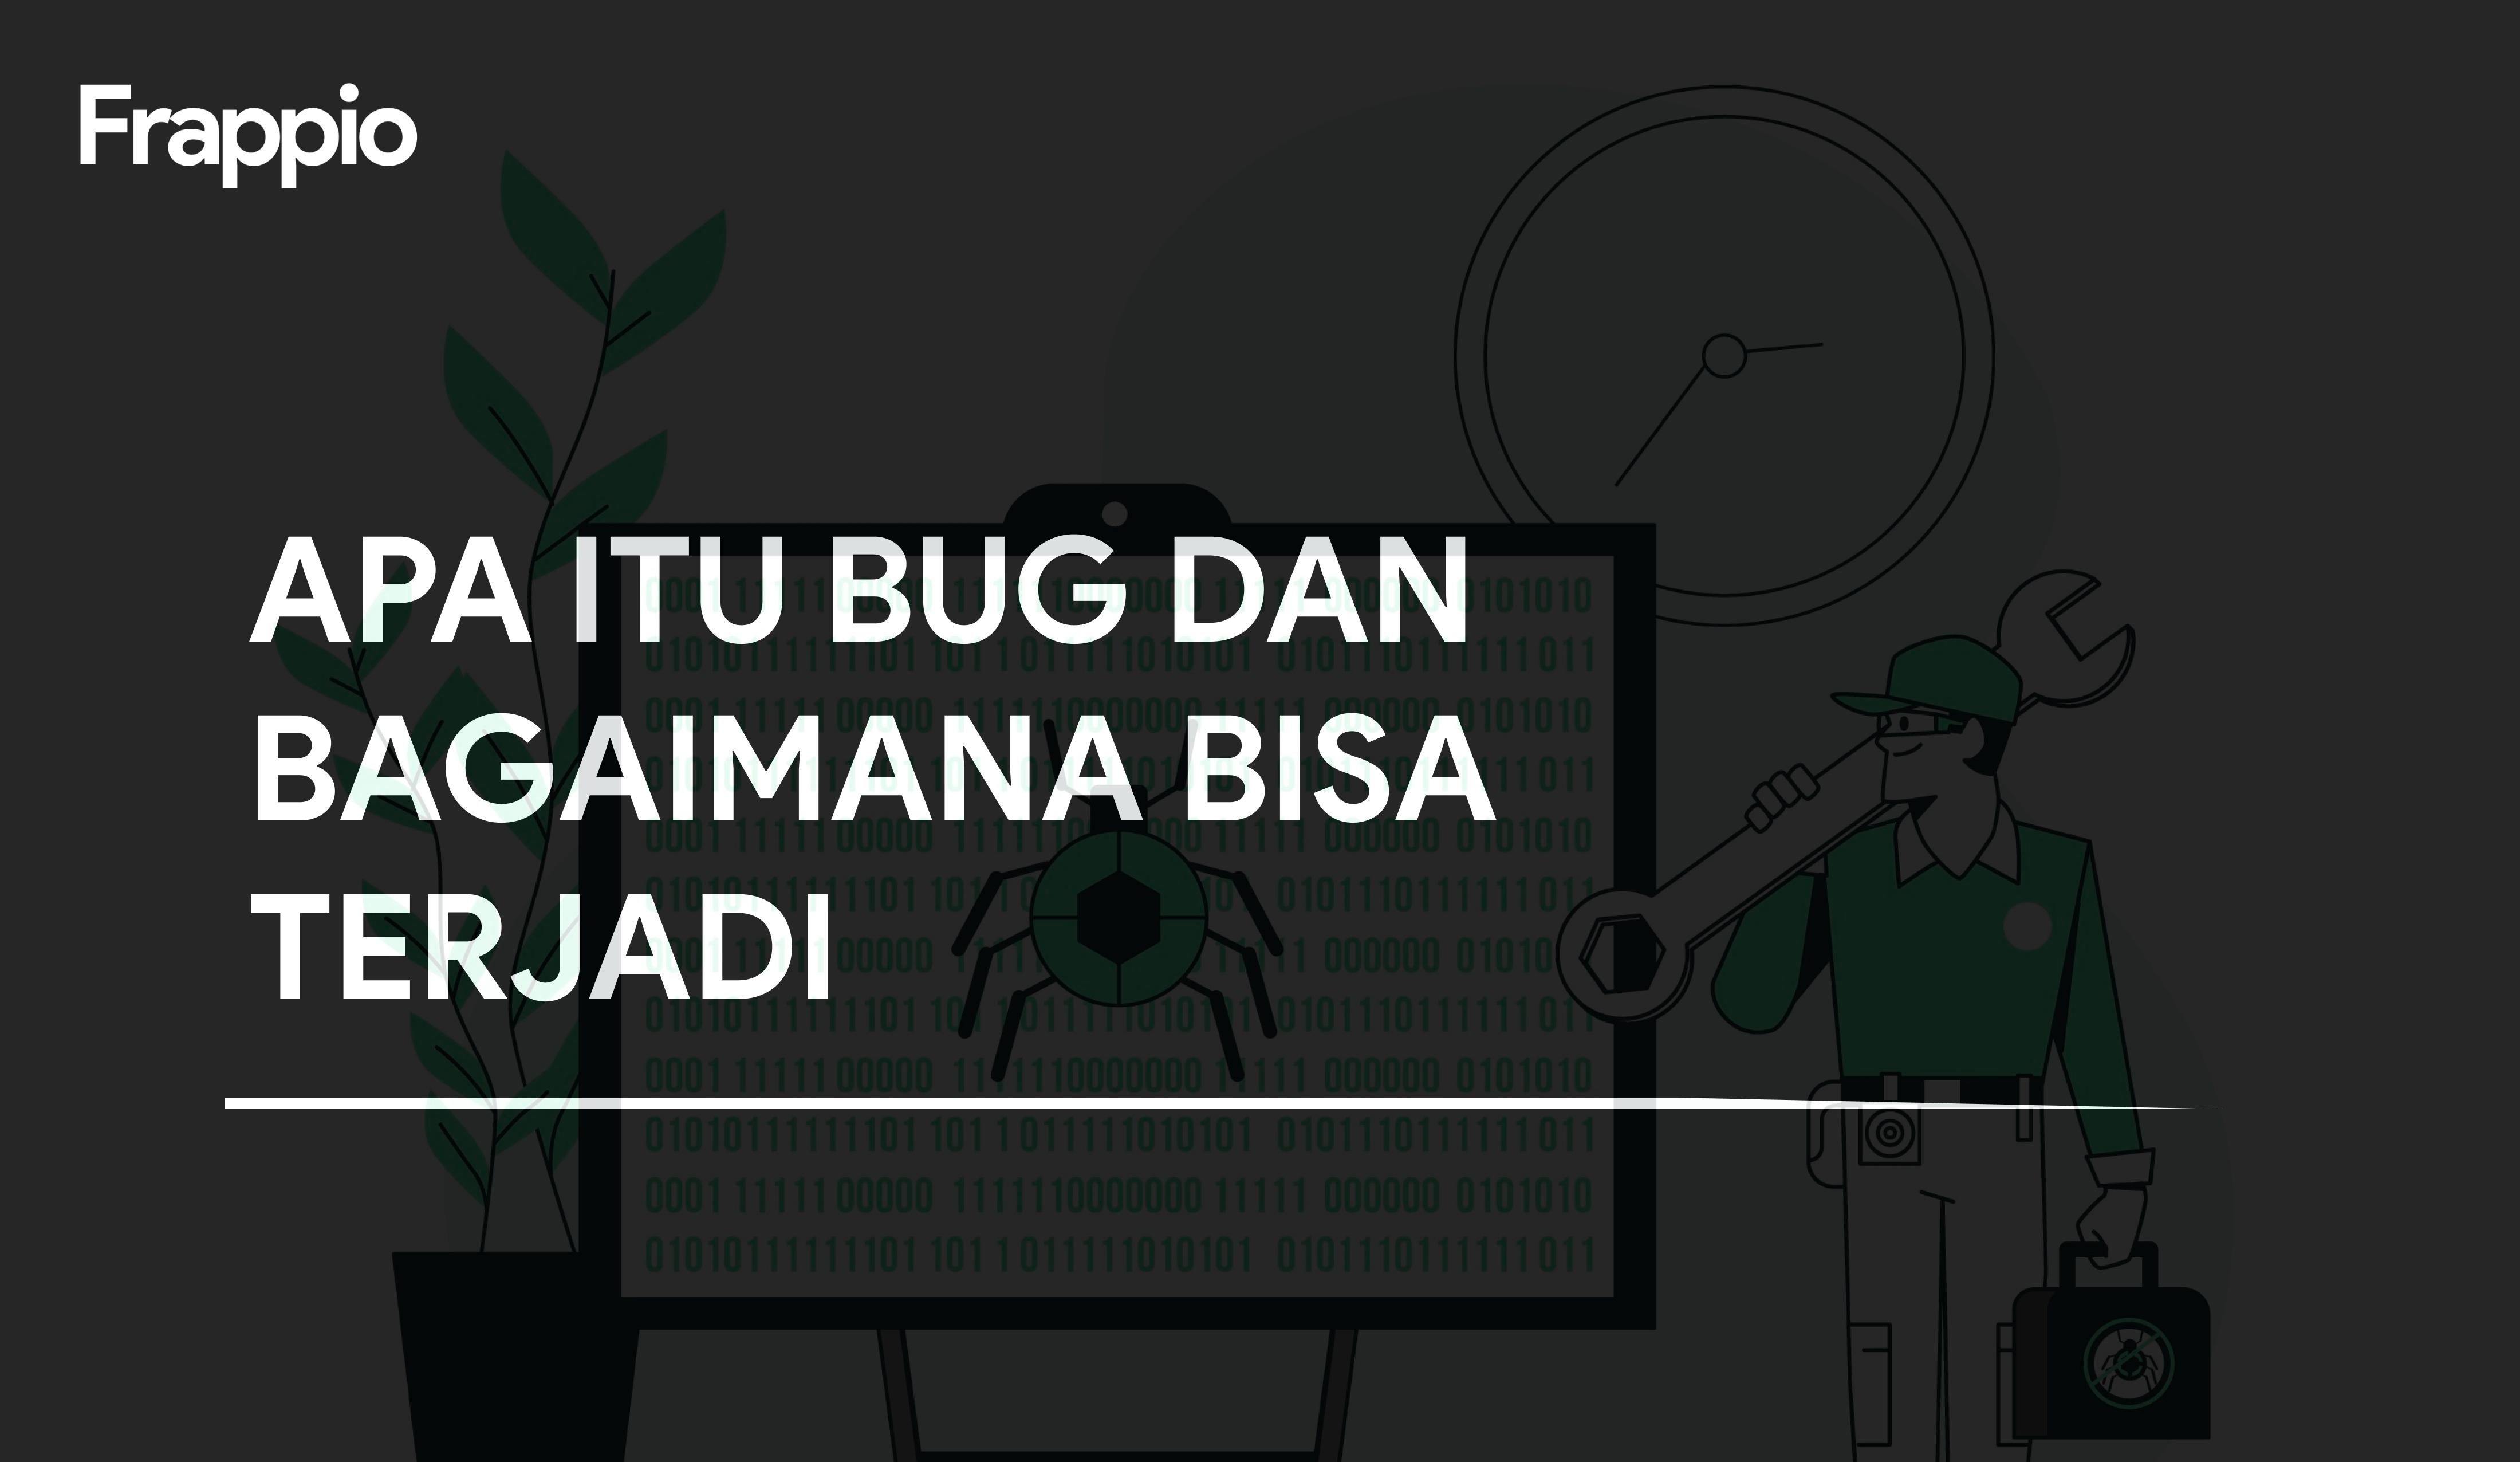 Apa Itu Bug dan Bagaimana Bisa Terjadi?